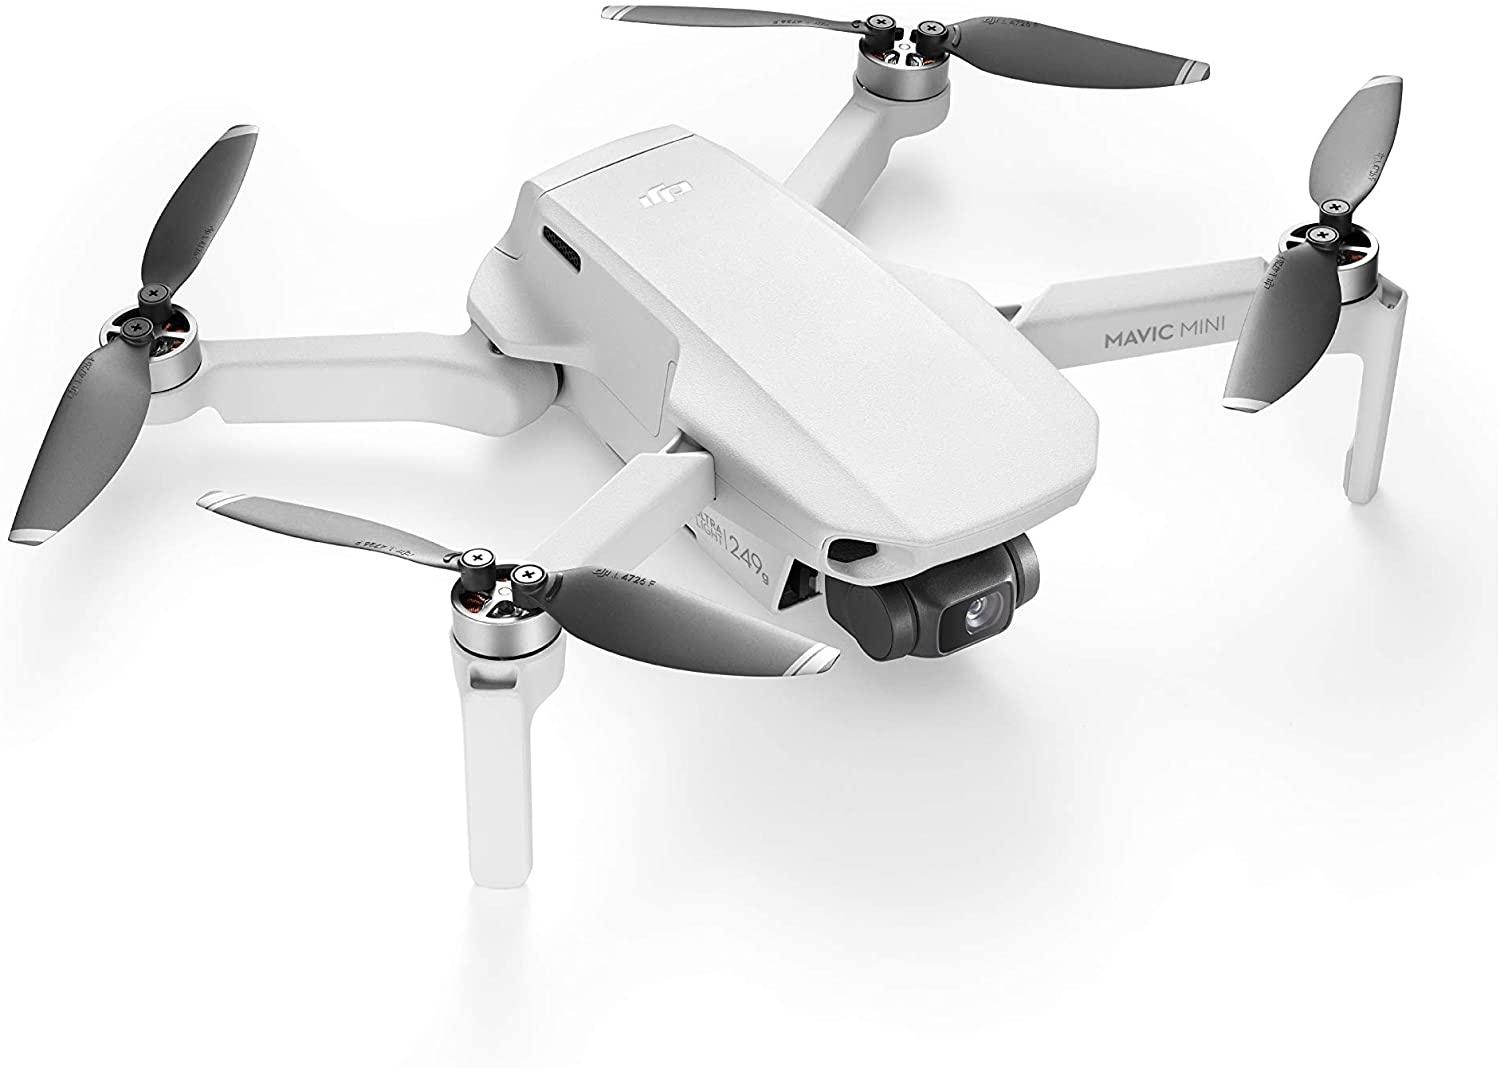 DJI Mavic Mini drone